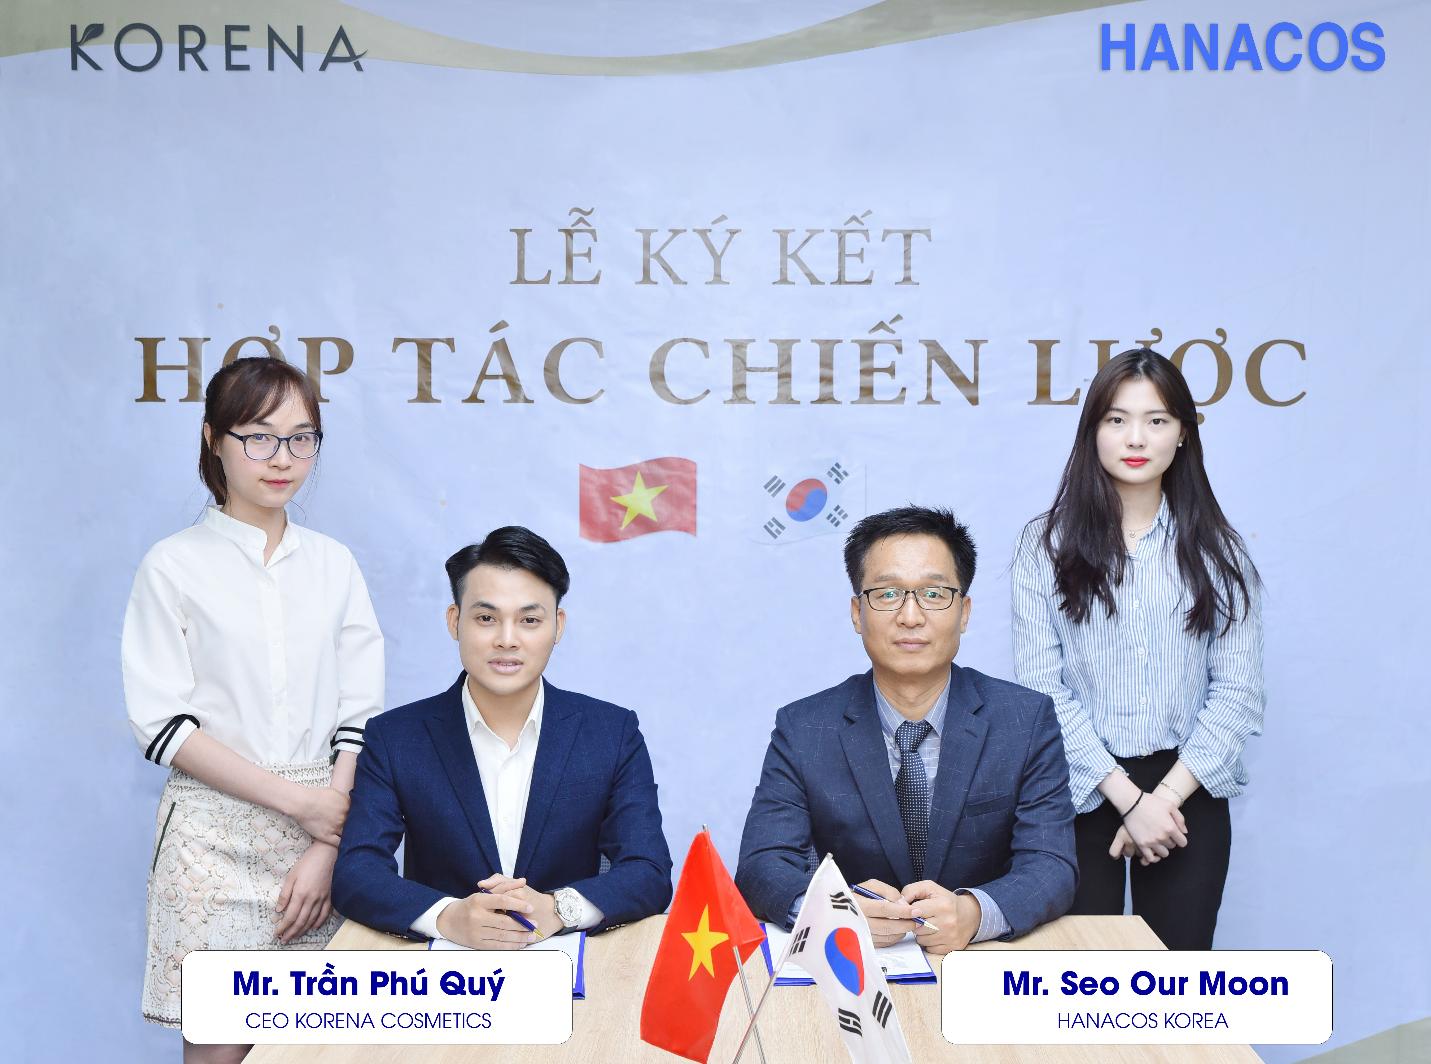 Mỹ phẩm Korena ký kết hợp tác chiến lược với đối tác Hanacos Hàn Quốc - Ảnh 1